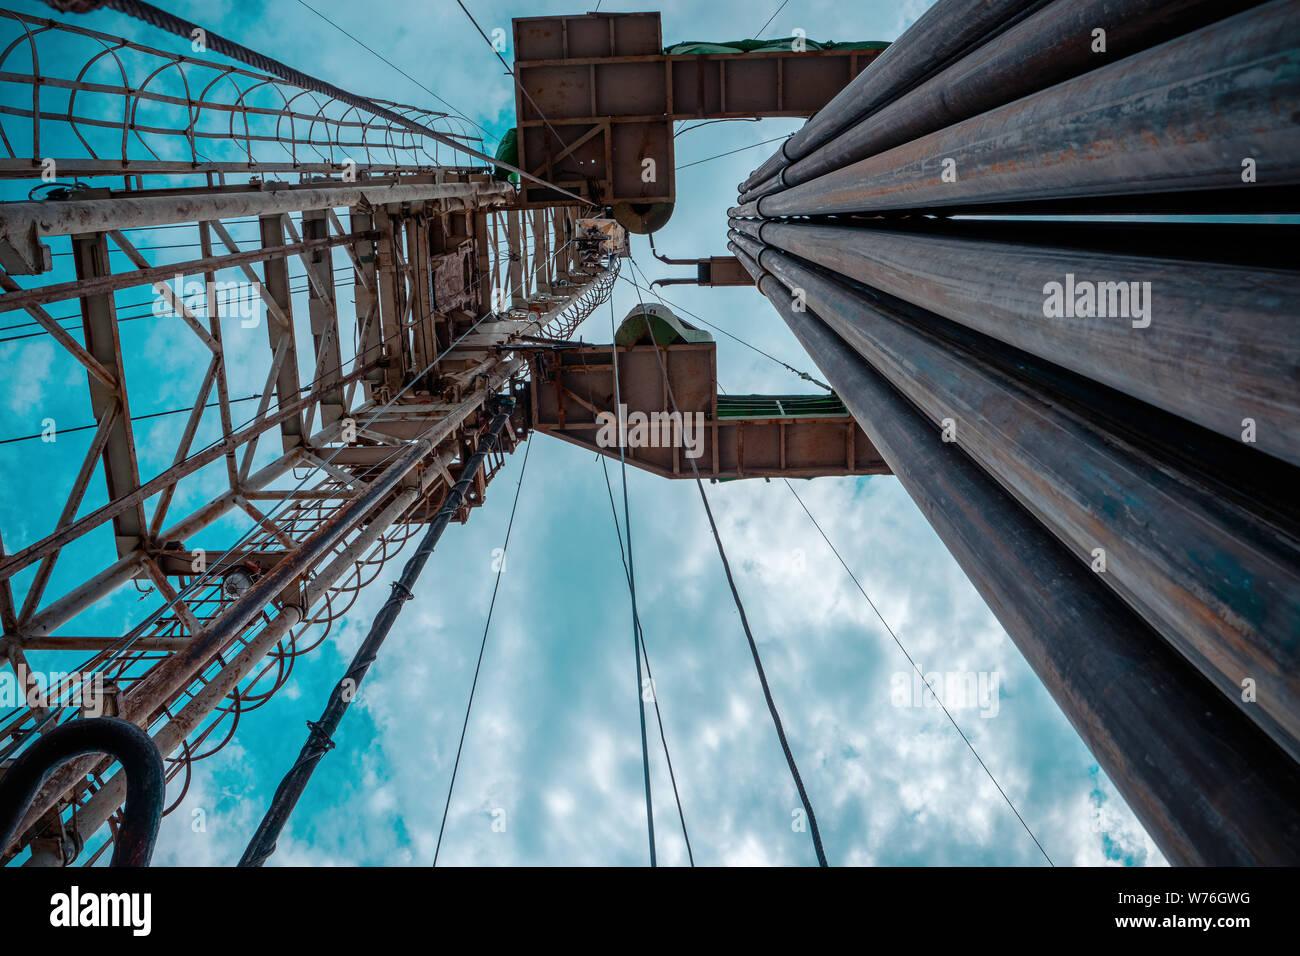 Plataforma de perforación de petróleo y gas onshore espectacular postre con cloudscape. Operación de equipos de perforación de petróleo en la plataforma petrolífera en la industria de petróleo y gas. Foto de stock